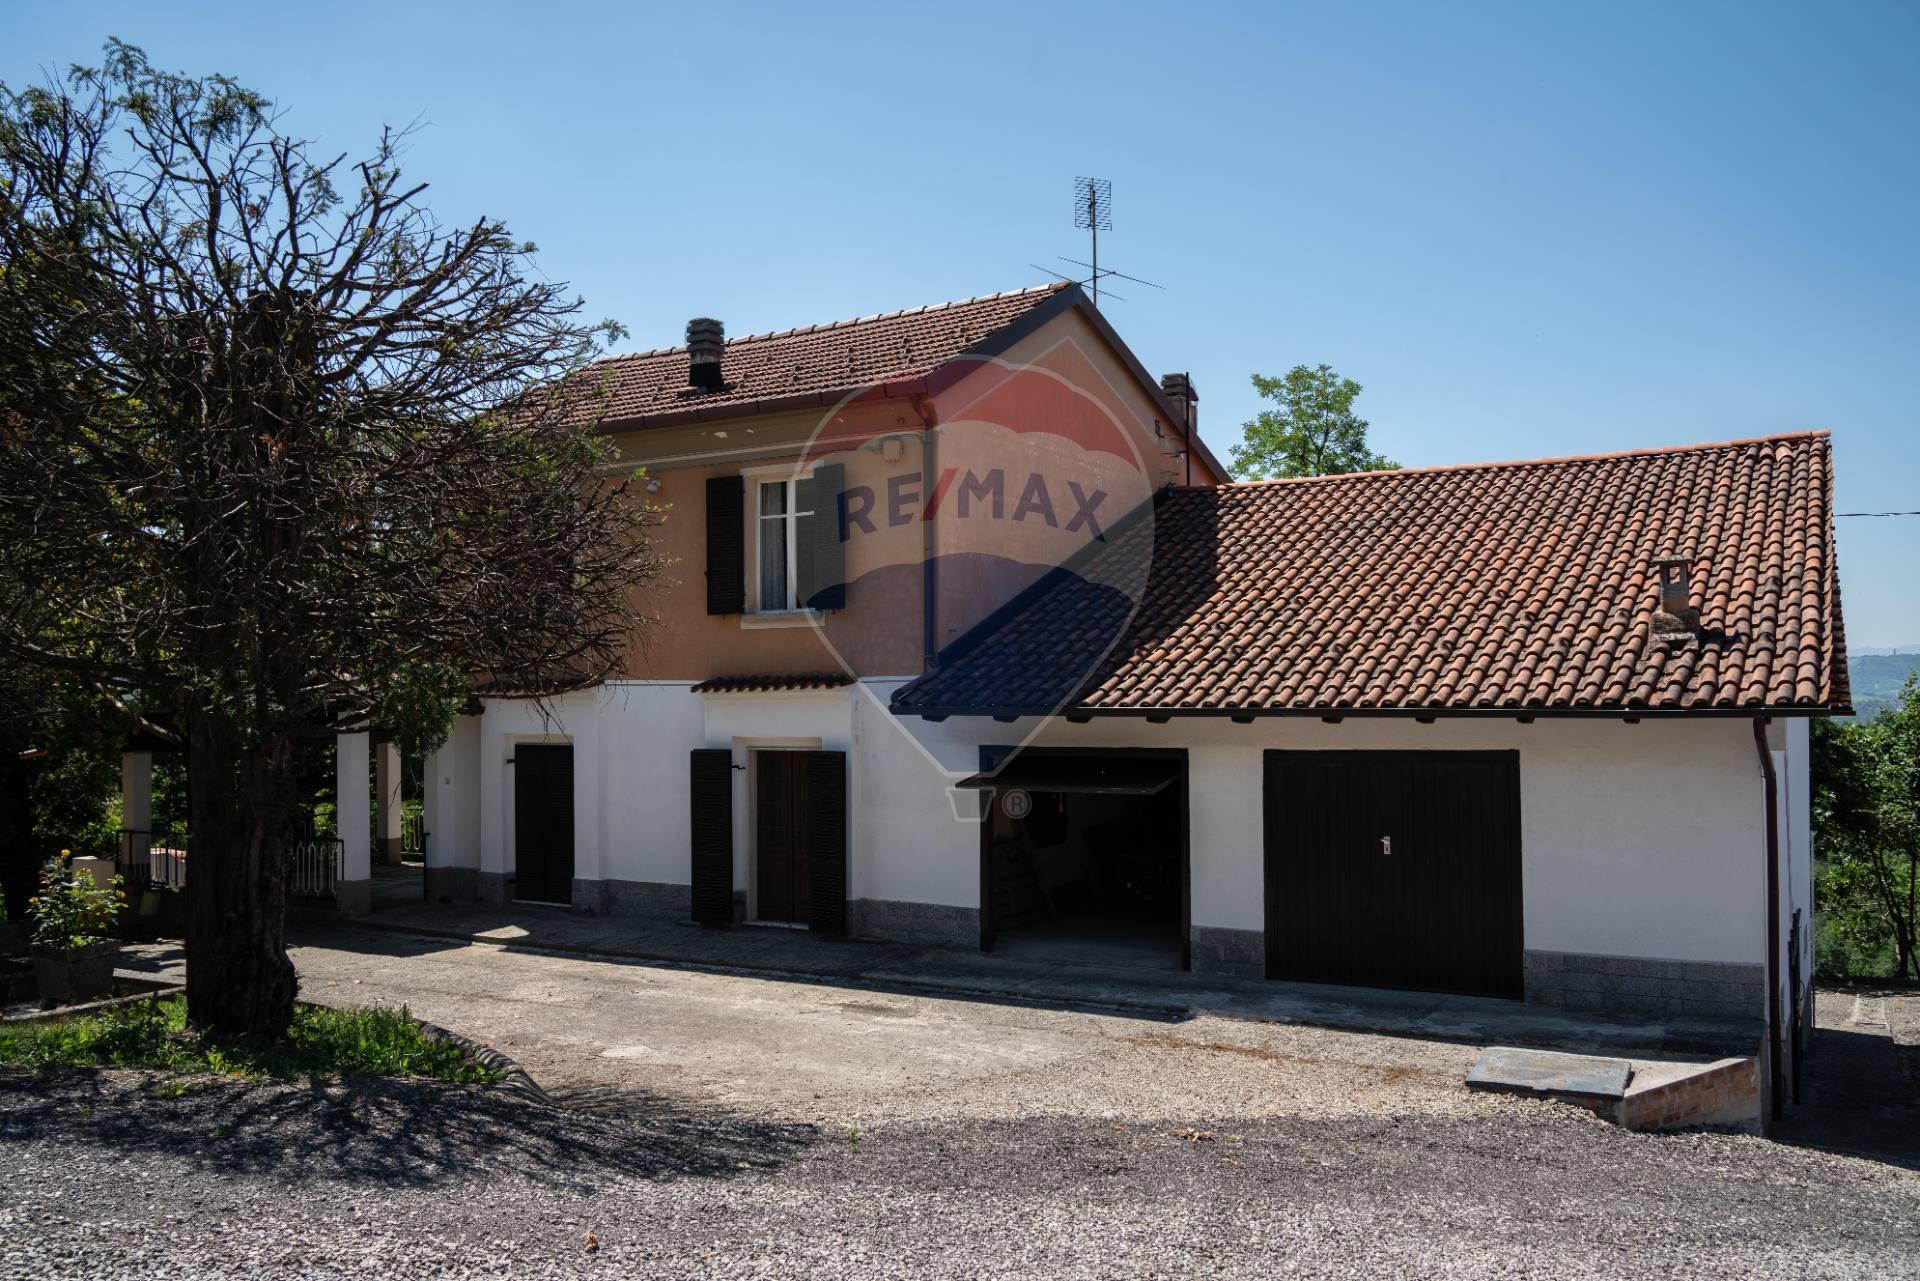 Soluzione Indipendente in vendita a Monleale, 13 locali, zona Zona: Cadaborgo, prezzo € 295.000   CambioCasa.it